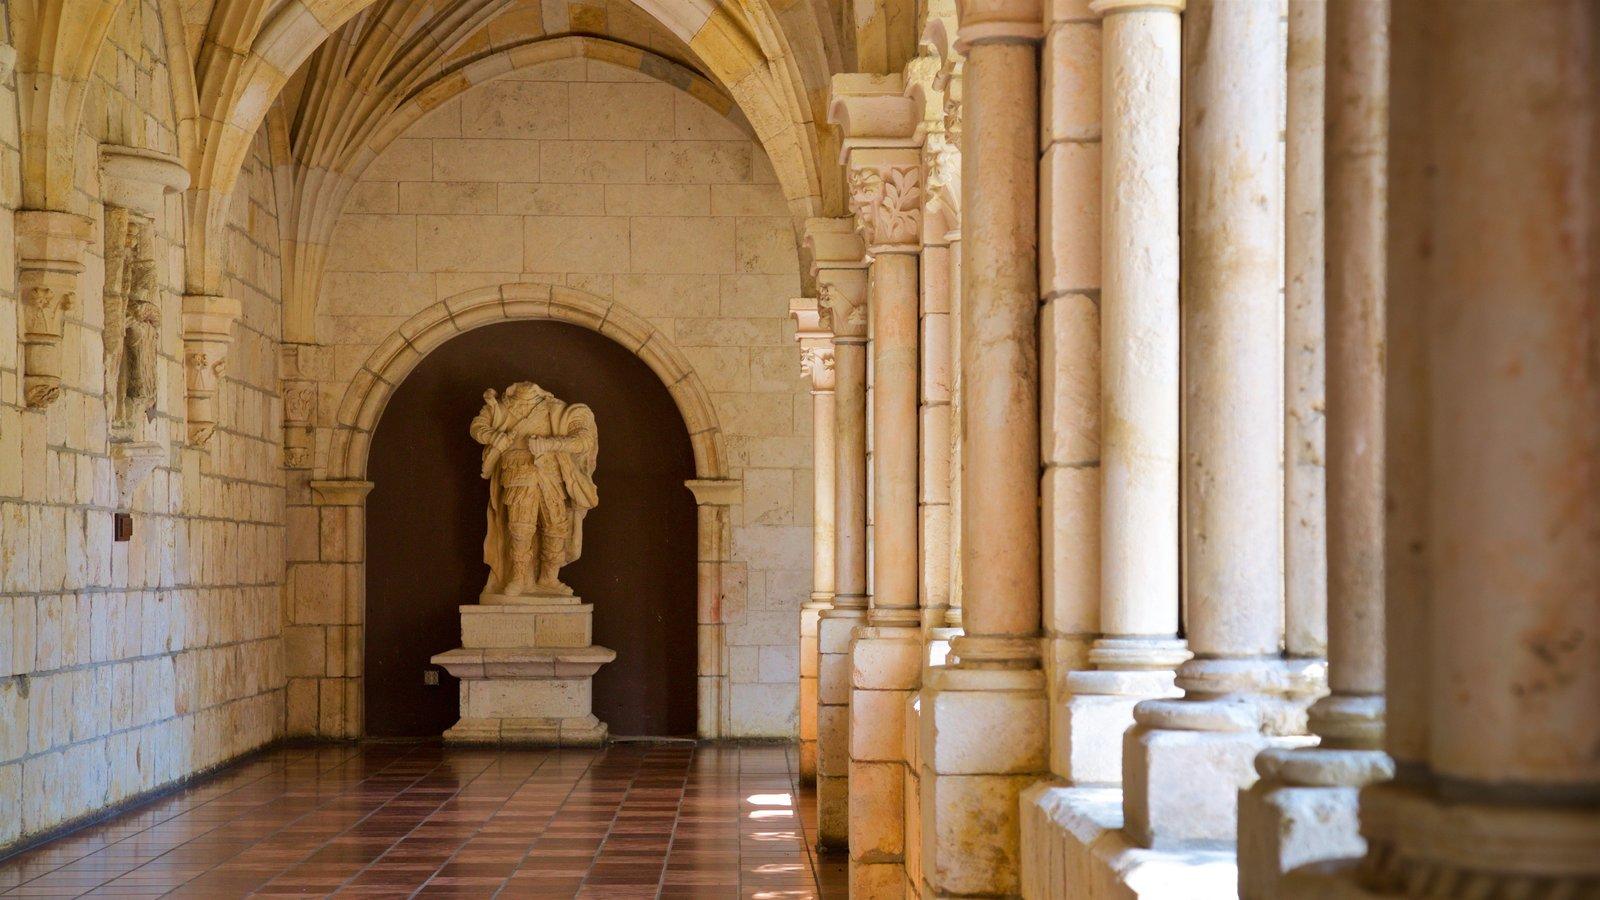 Antigo Mosteiro Espanhol que inclui elementos de patrimônio e vistas internas